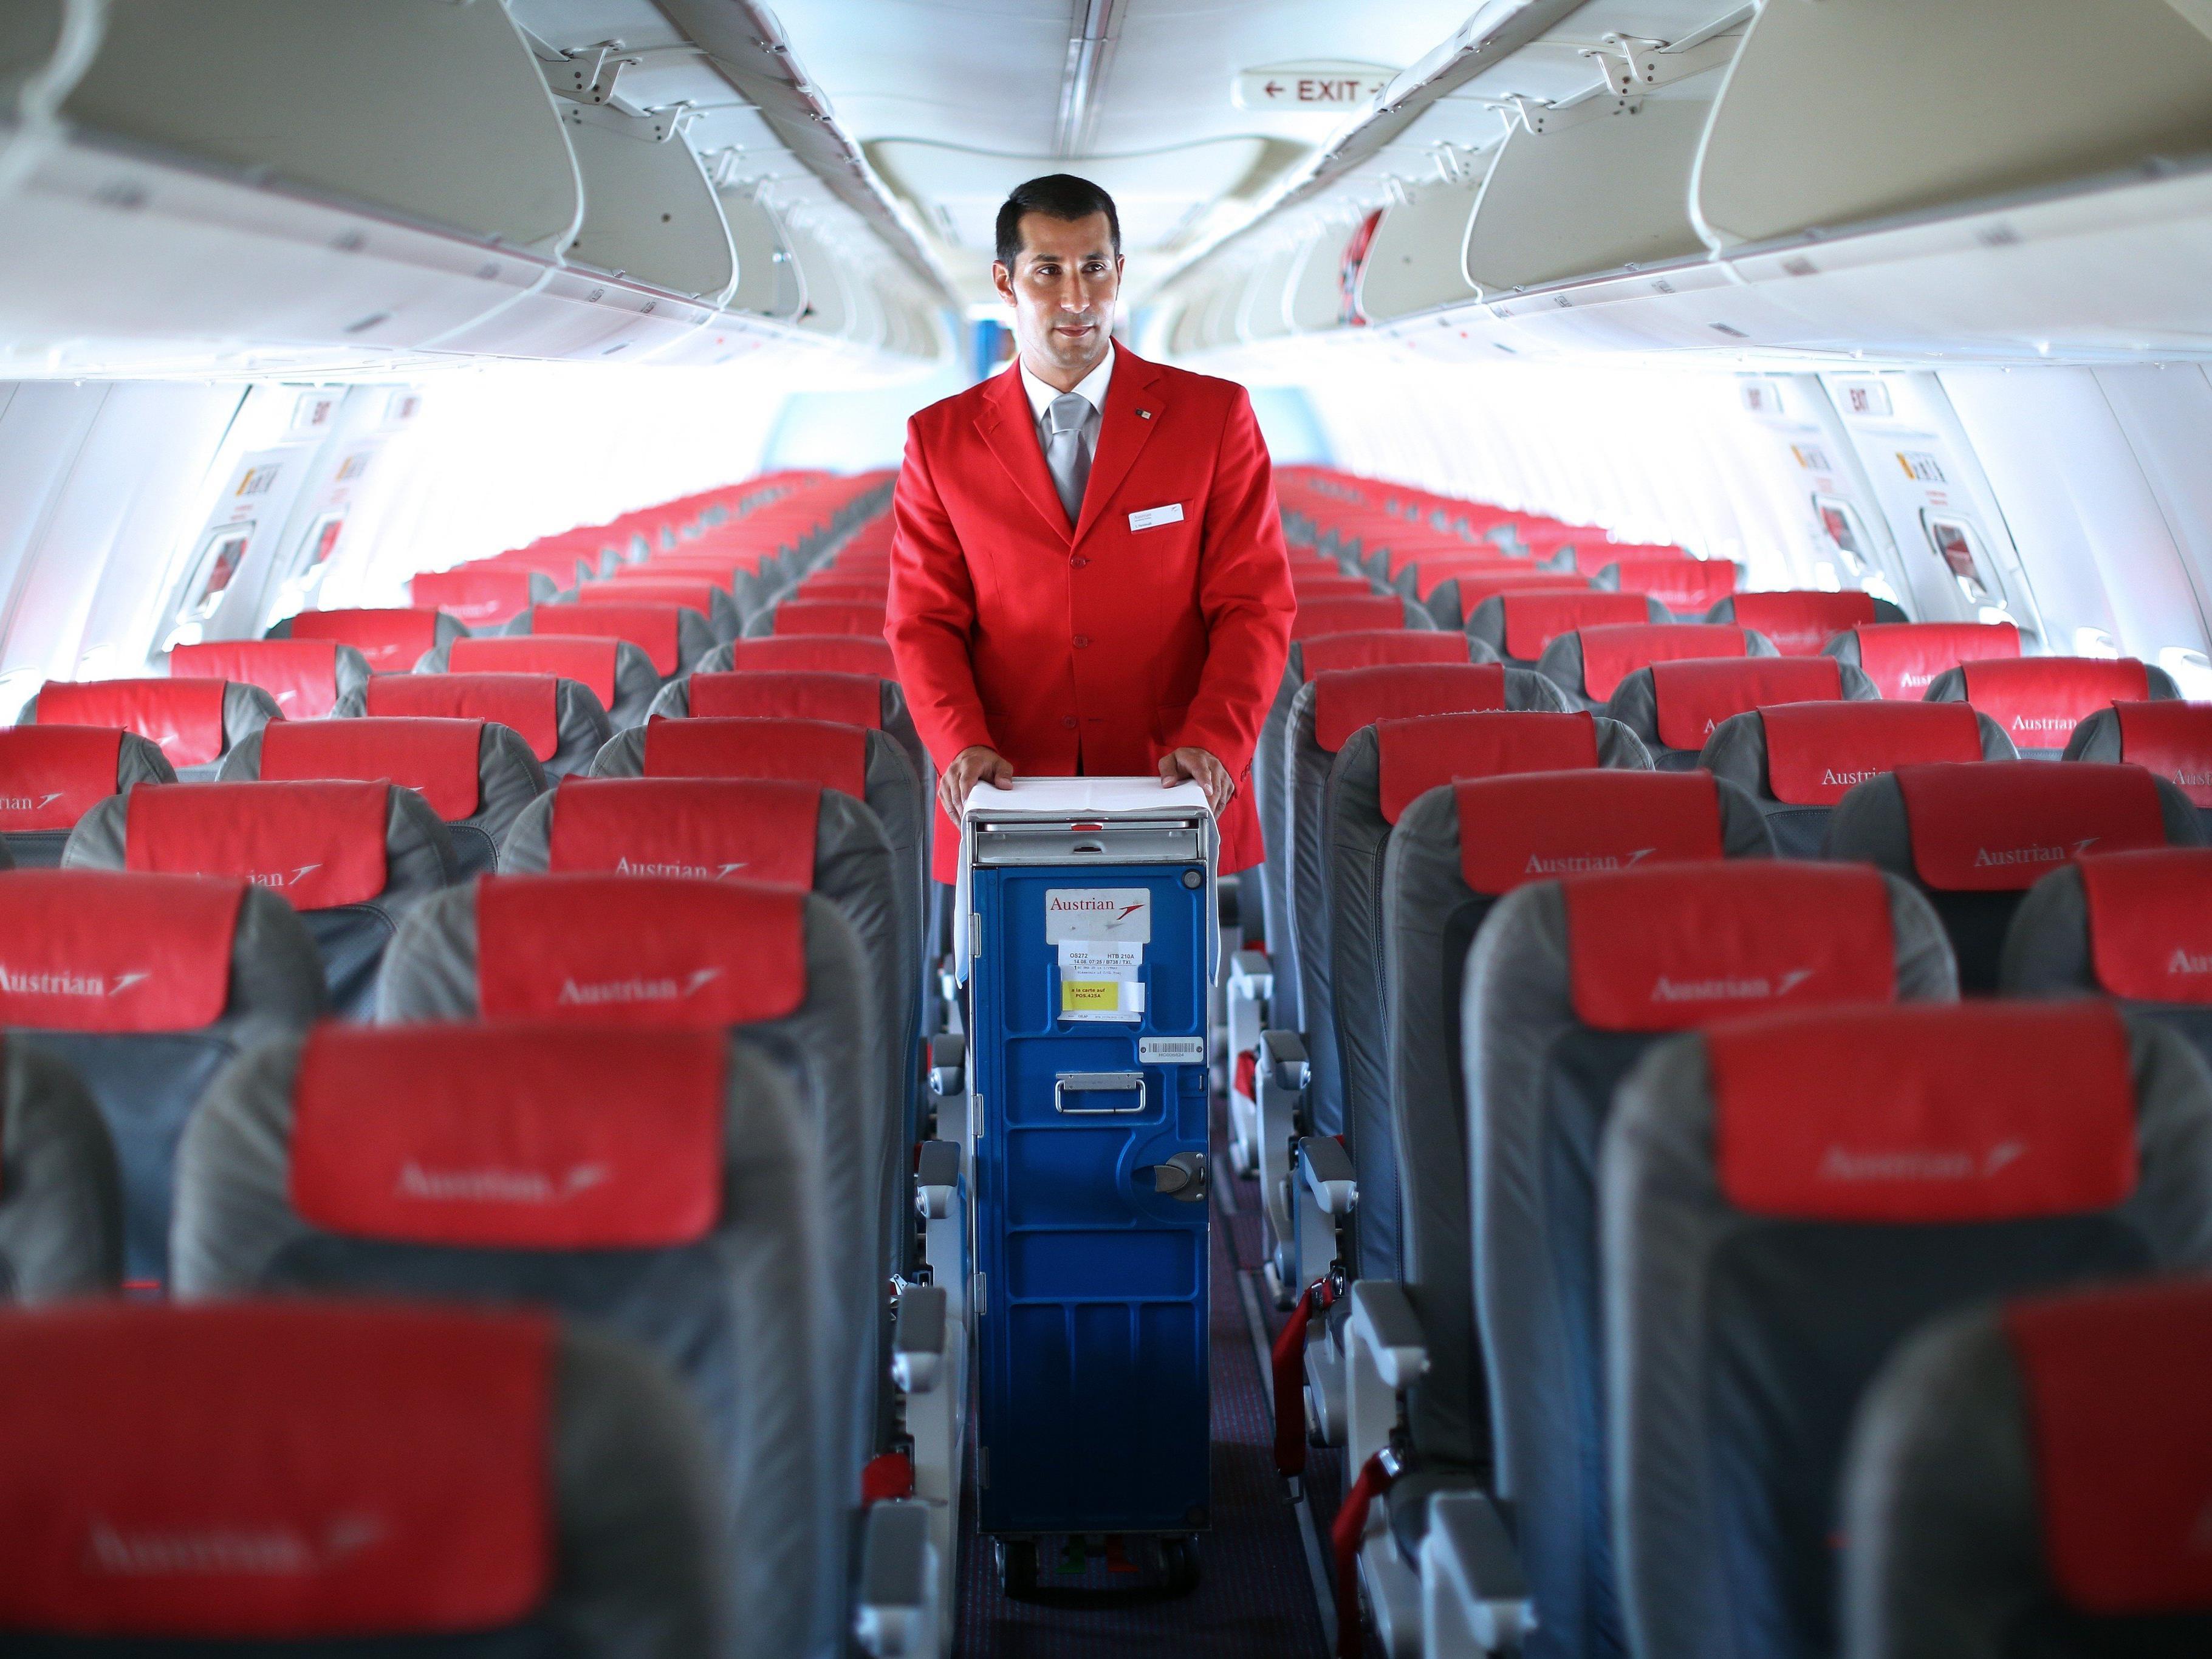 Der Ruheraum für die Crew ist vielleicht der geheimste Ort eines Passagierflugzeugs.